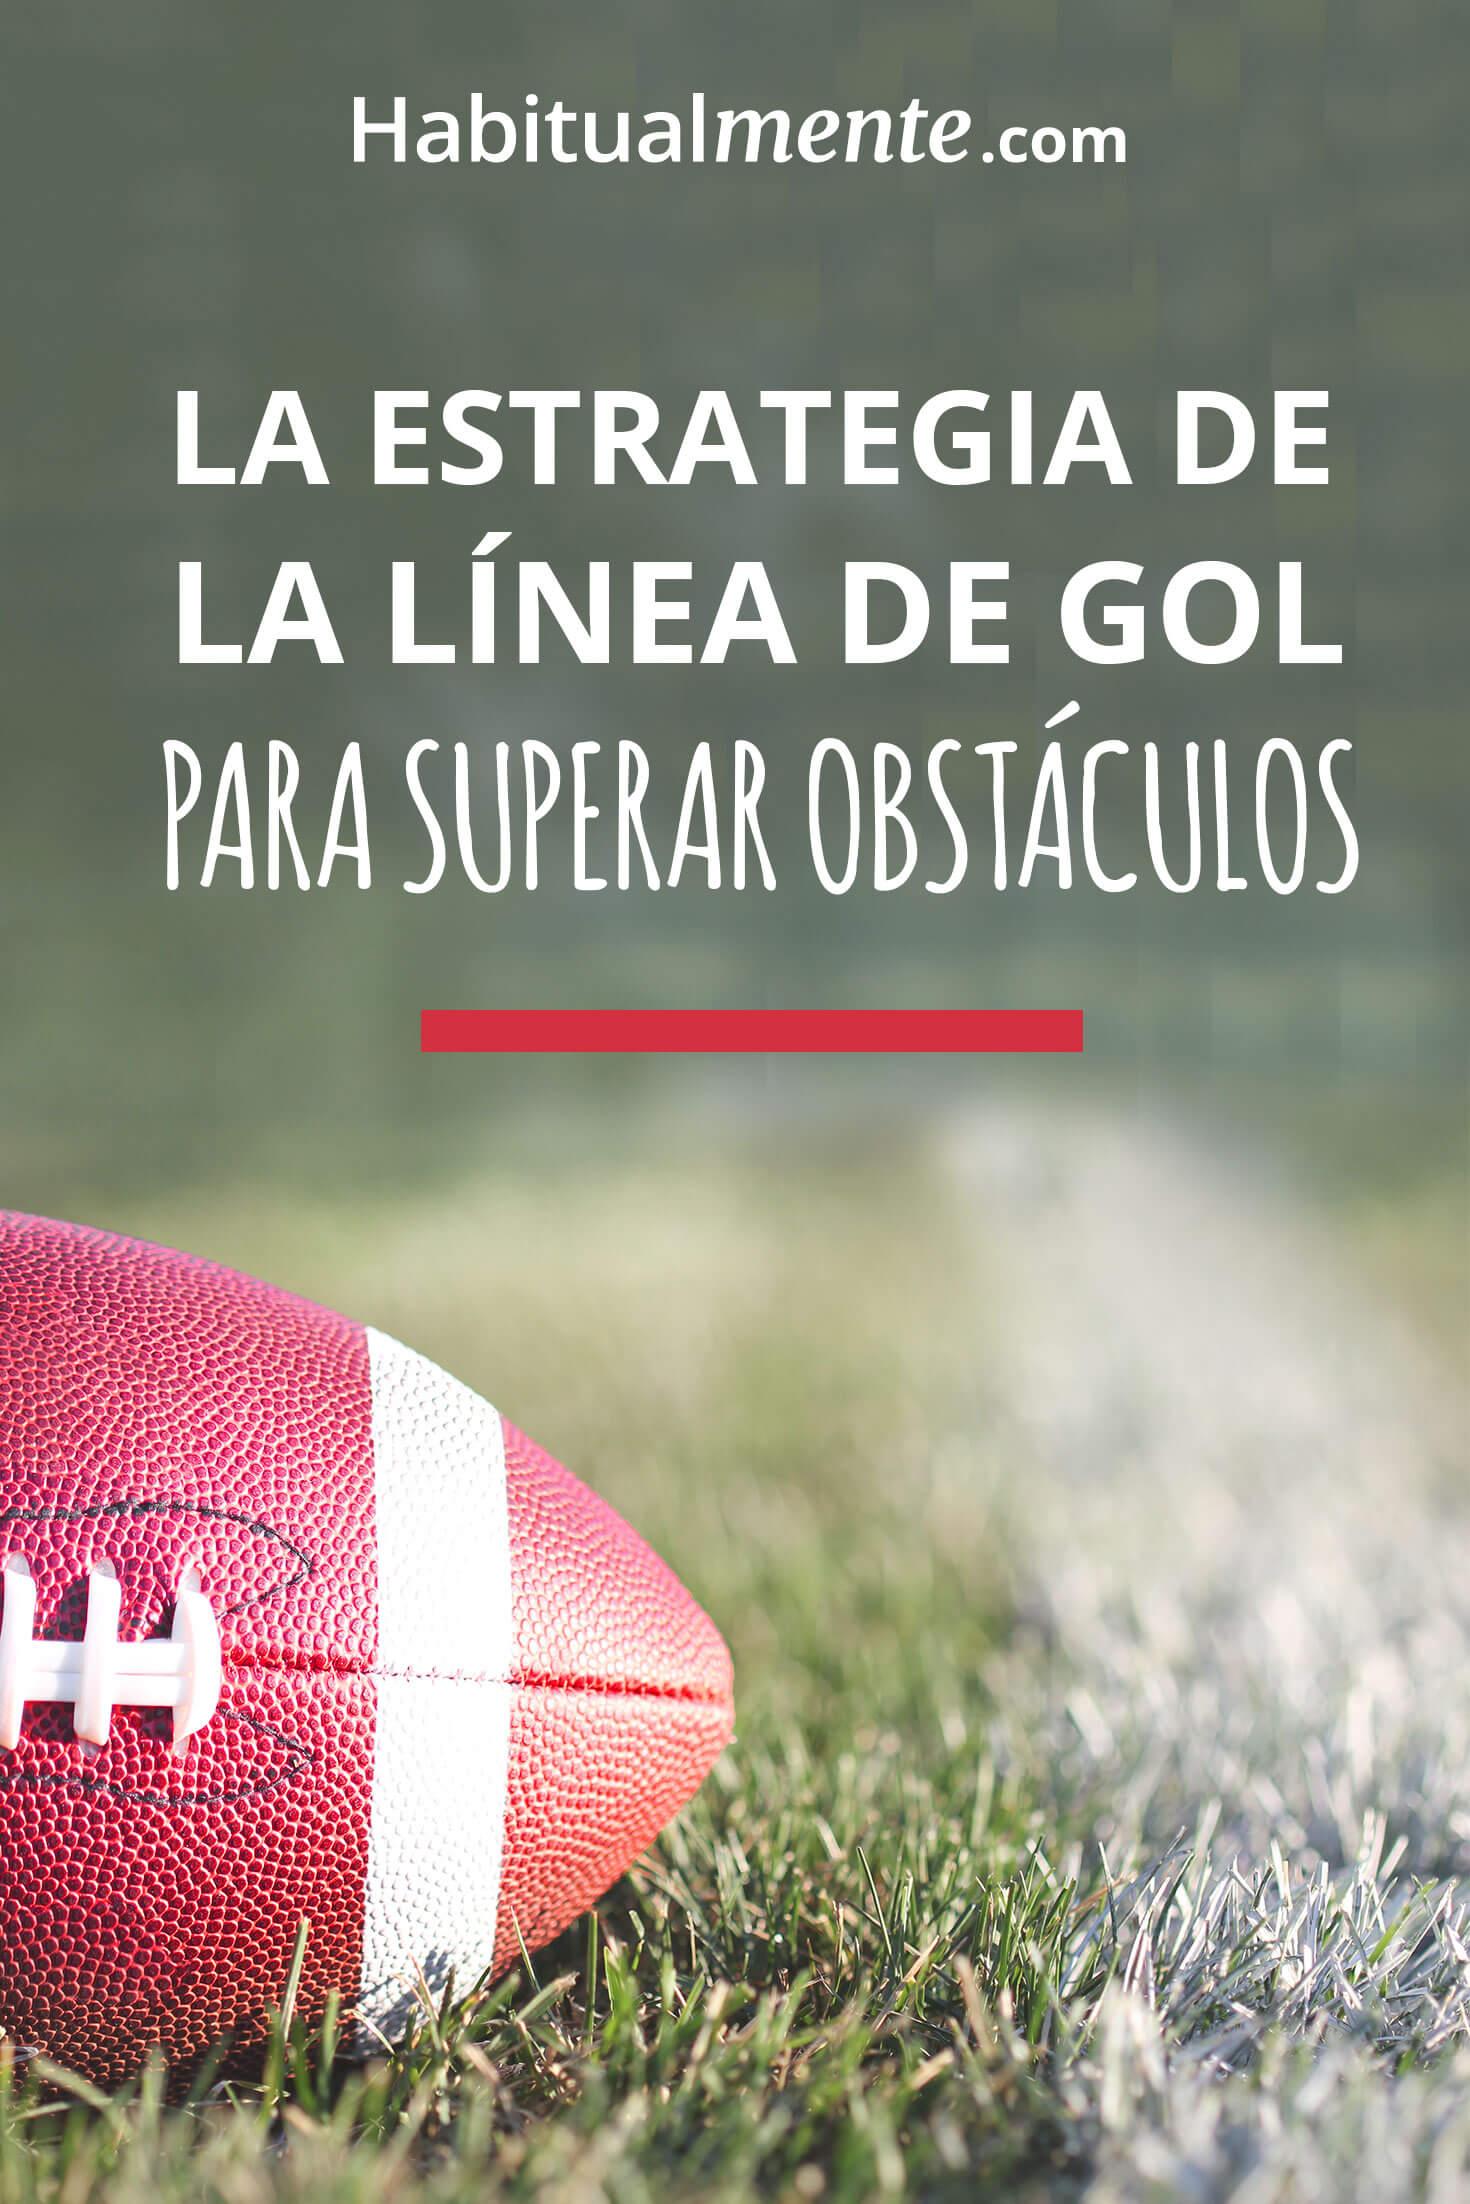 La estrategia de la linea de gol para superar obstáculos